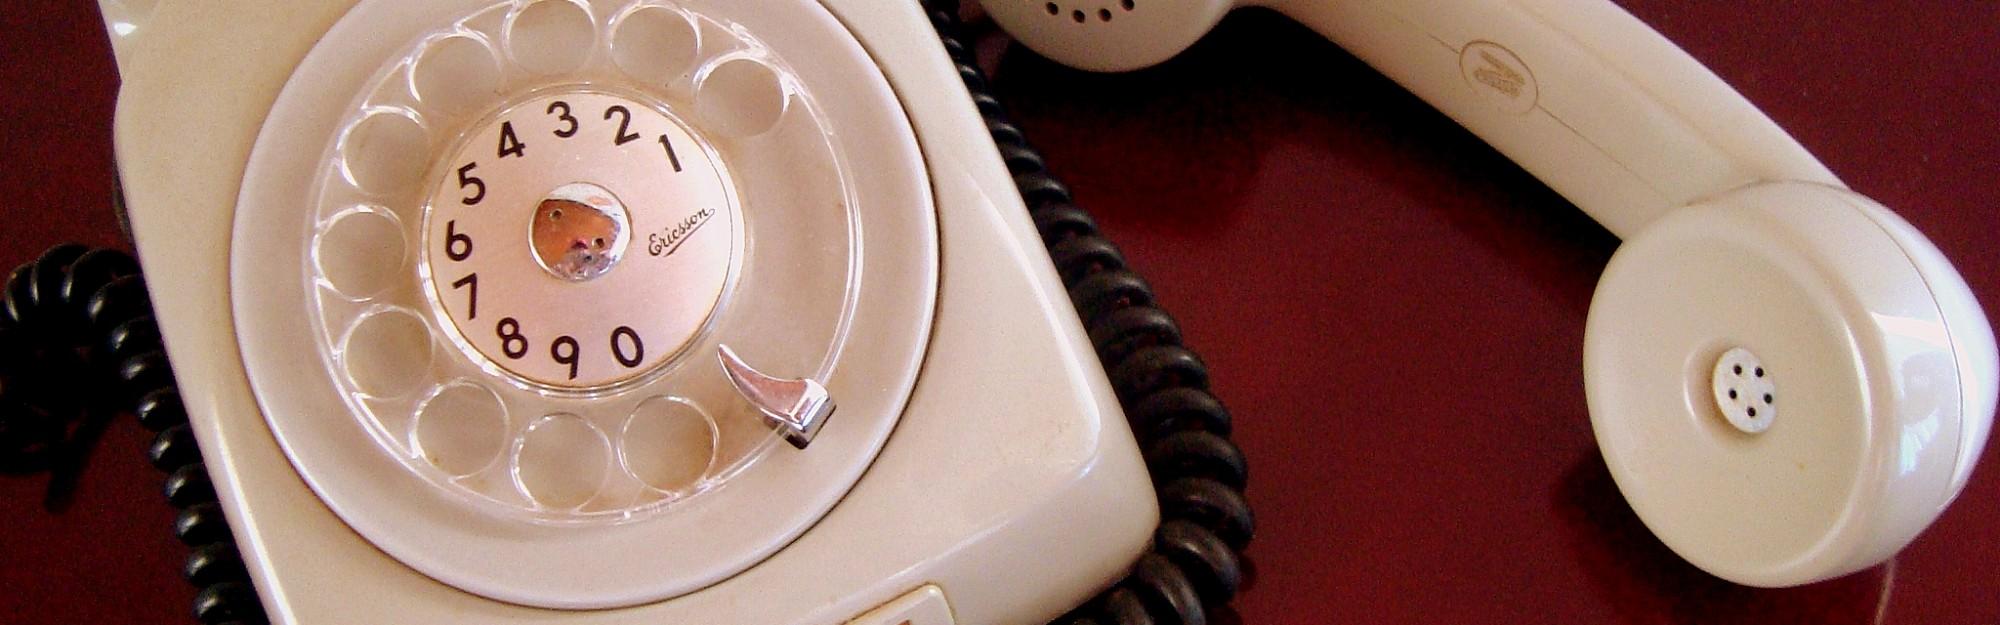 Wie kann ich günstig ins Ausland telefonieren?